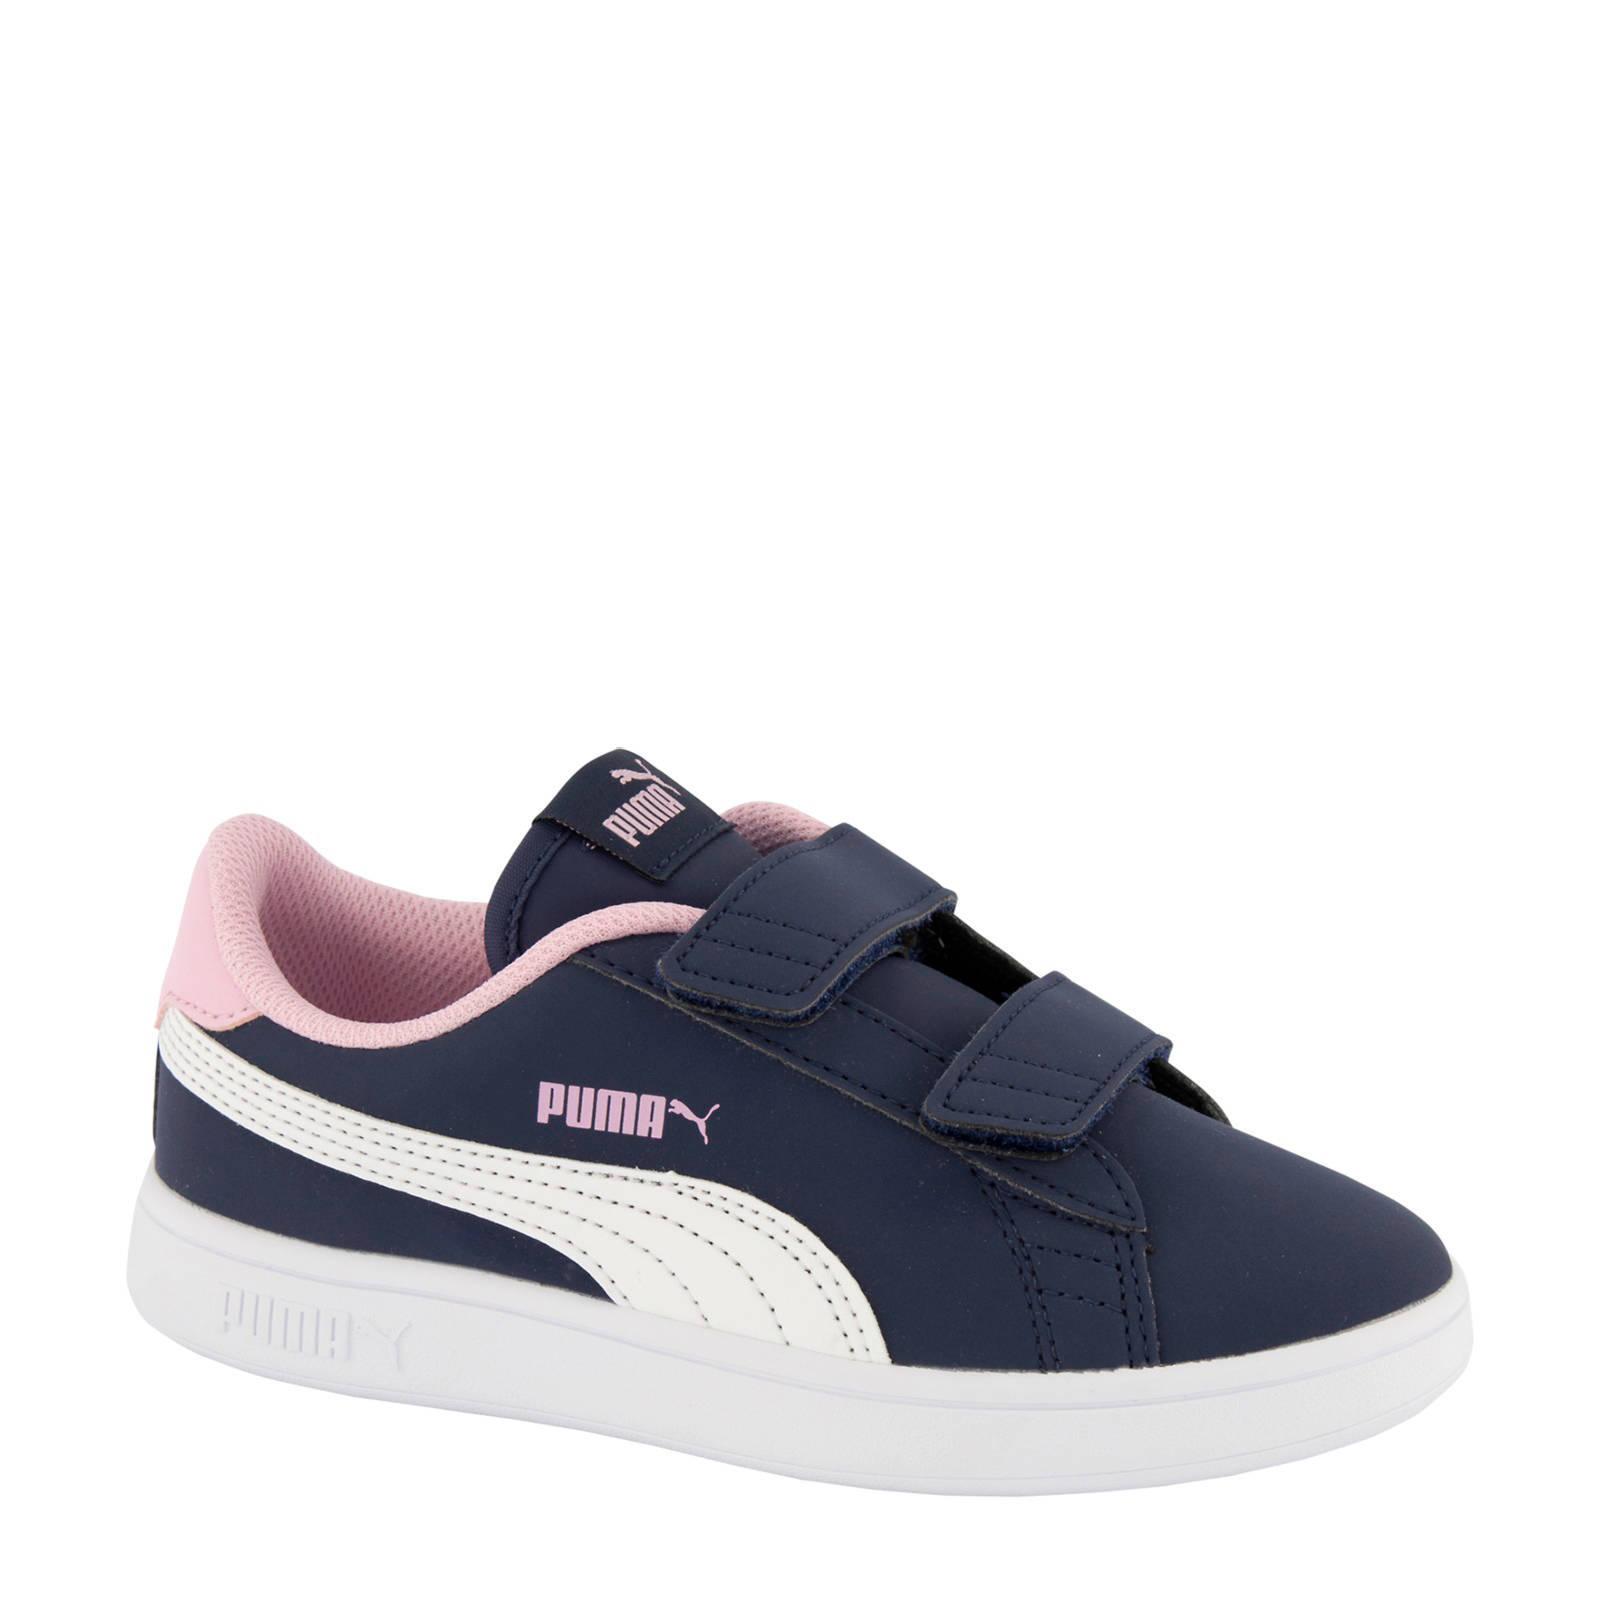 58fcadecb36 Aanbieding puma sneakers